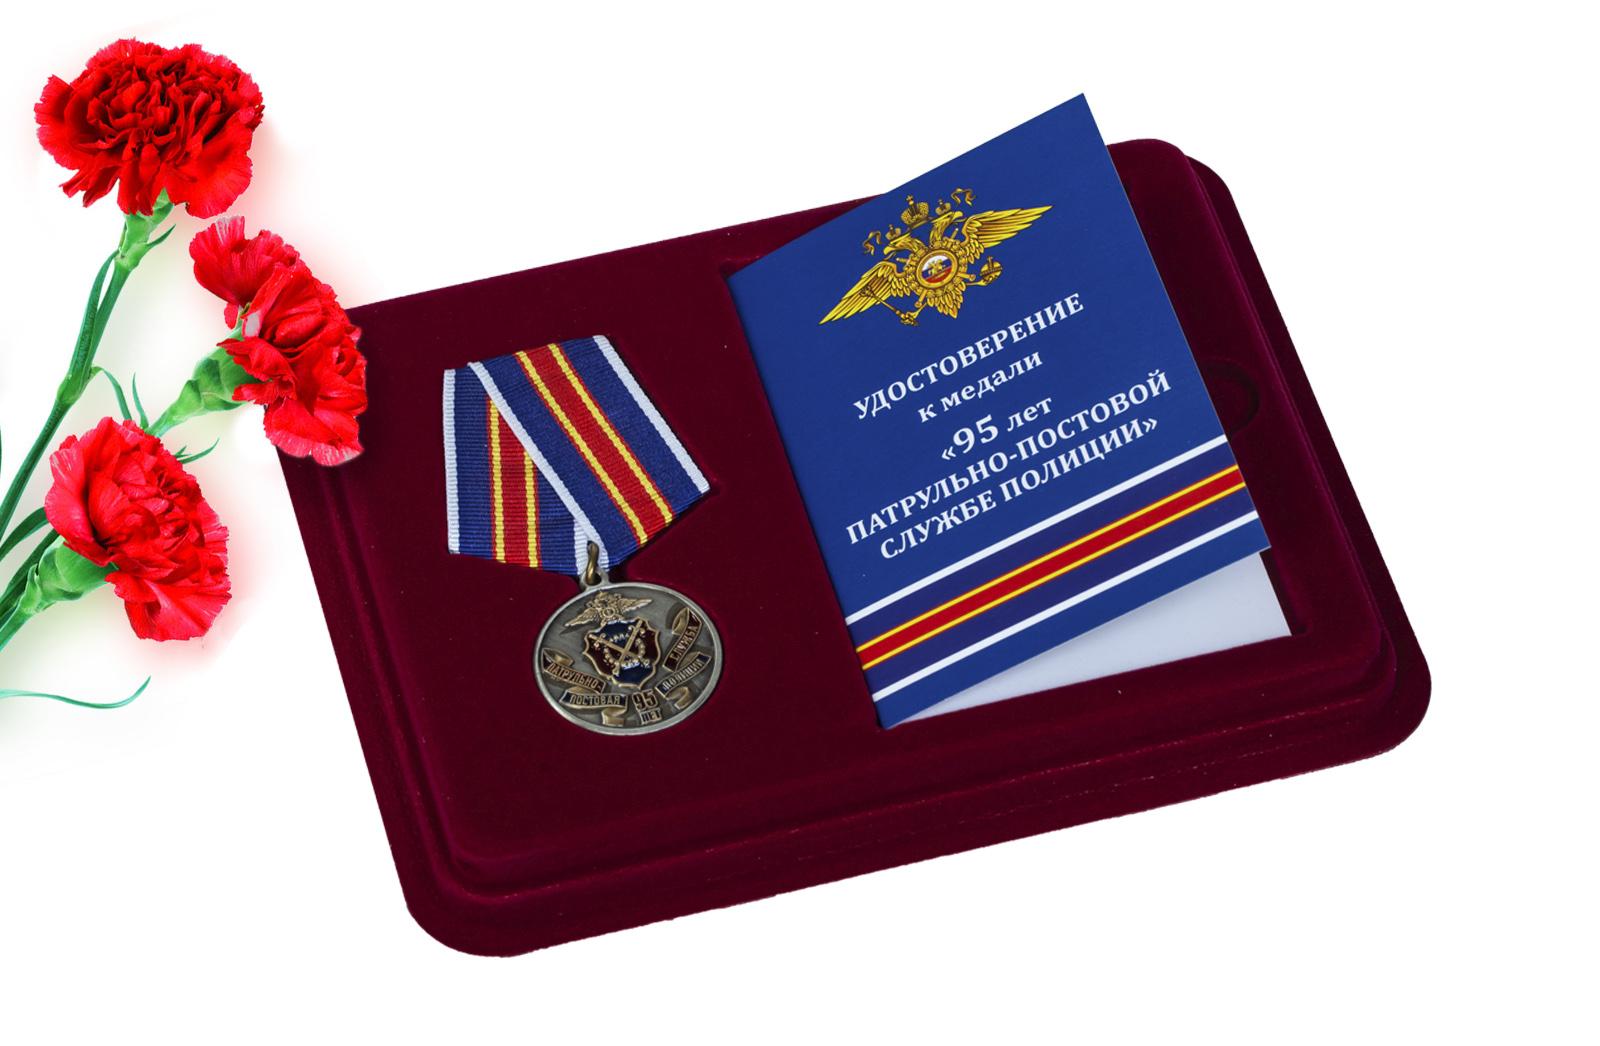 Медаль 95 лет ППС Полиции заказать в подарок